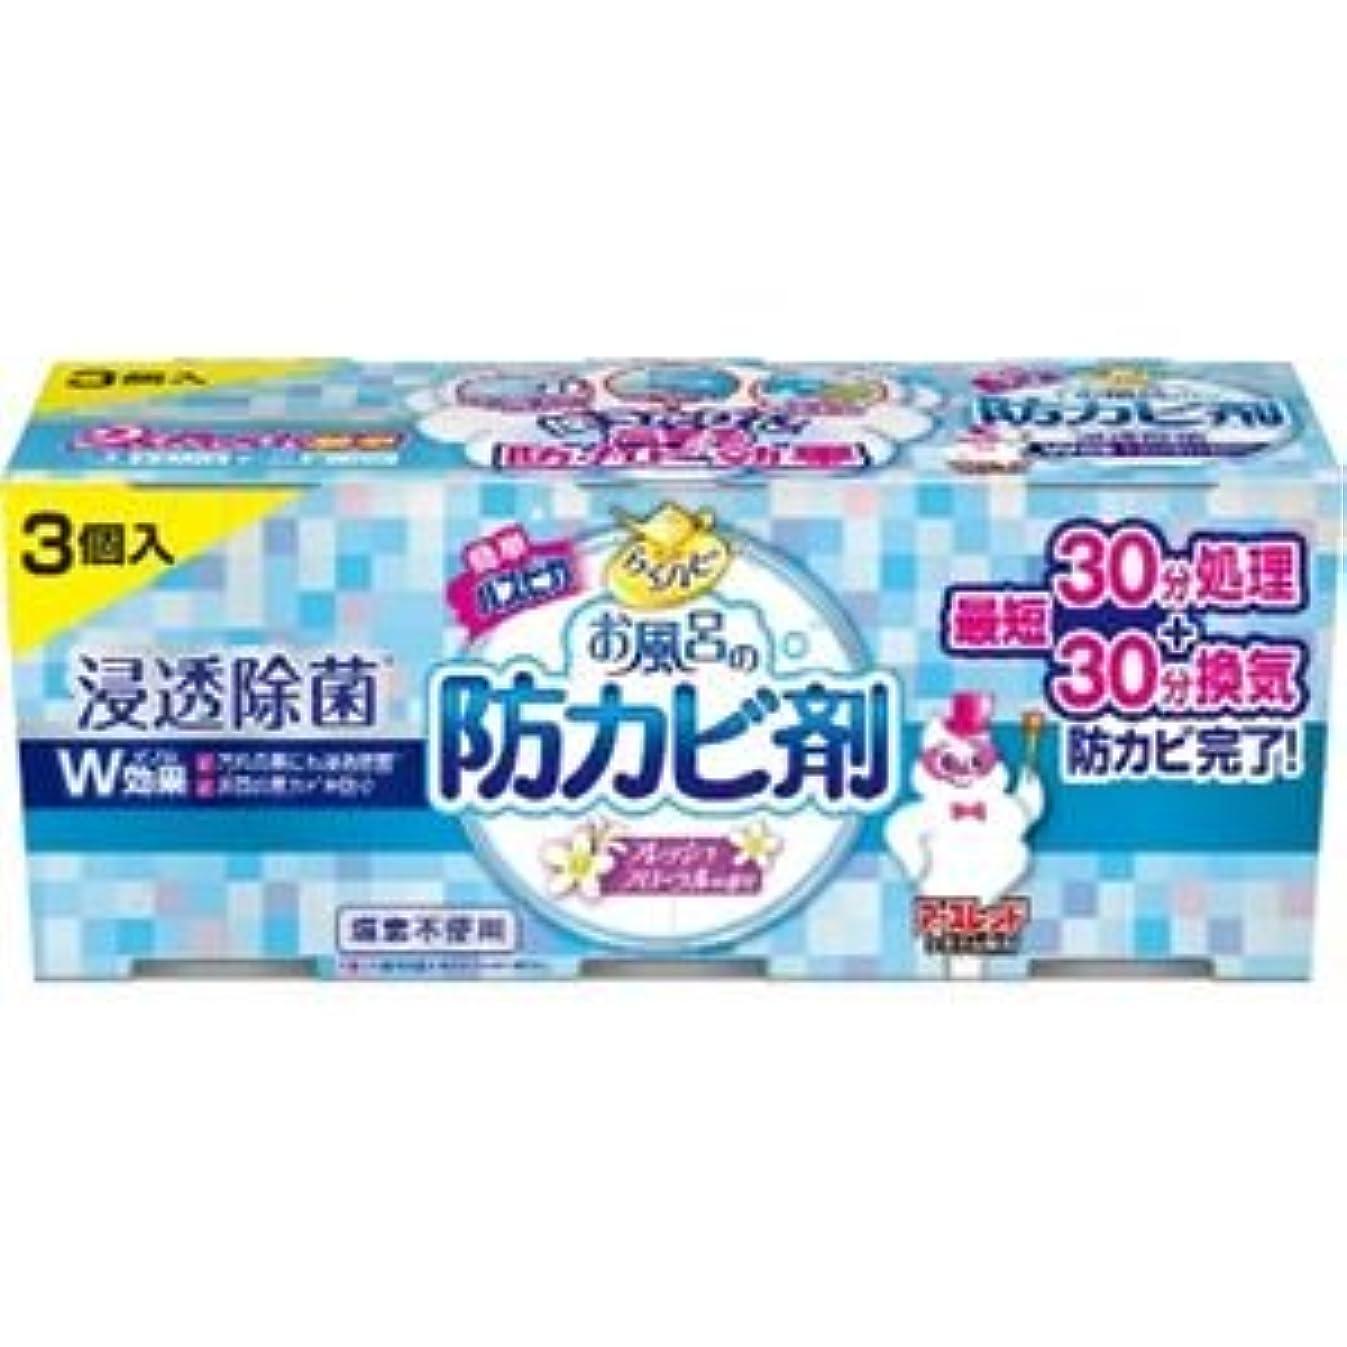 上向き文法スカーフアース製薬 らくハピお風呂の防カビ剤フローラル3個パック ×1点